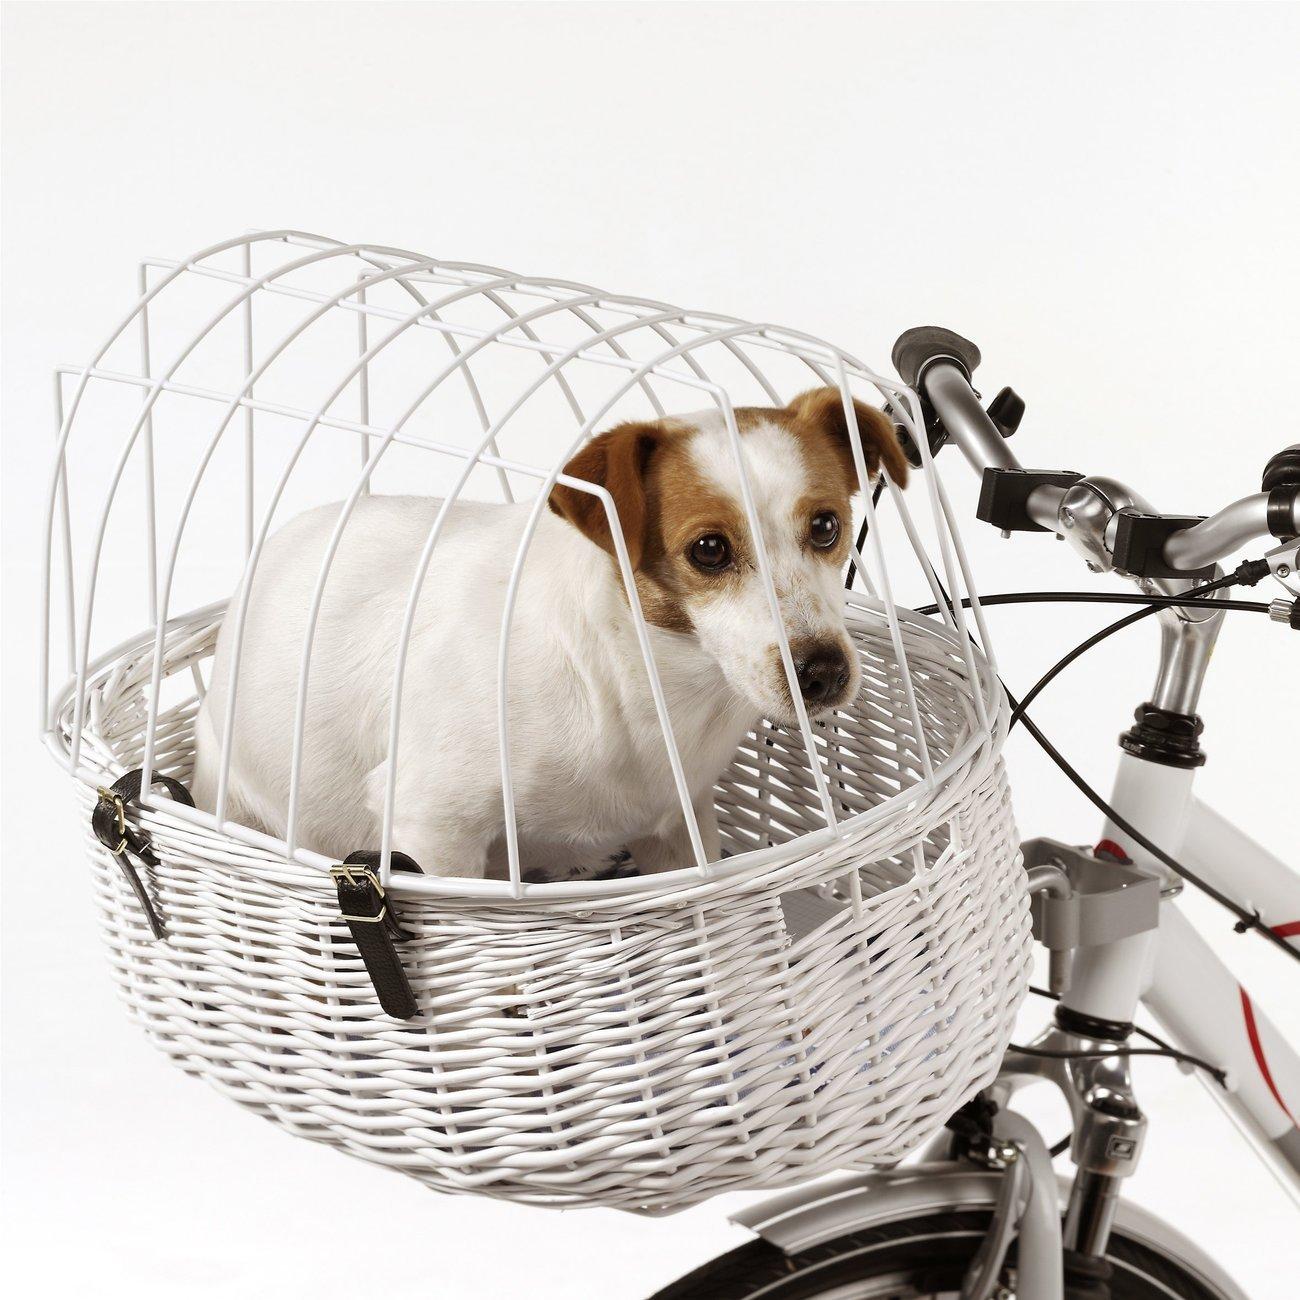 Aumüller E-Bike Hunde Fahrradkorb Standard vorne, 52 x 38 x 18/40 cm - inklusive Halterung, weiß